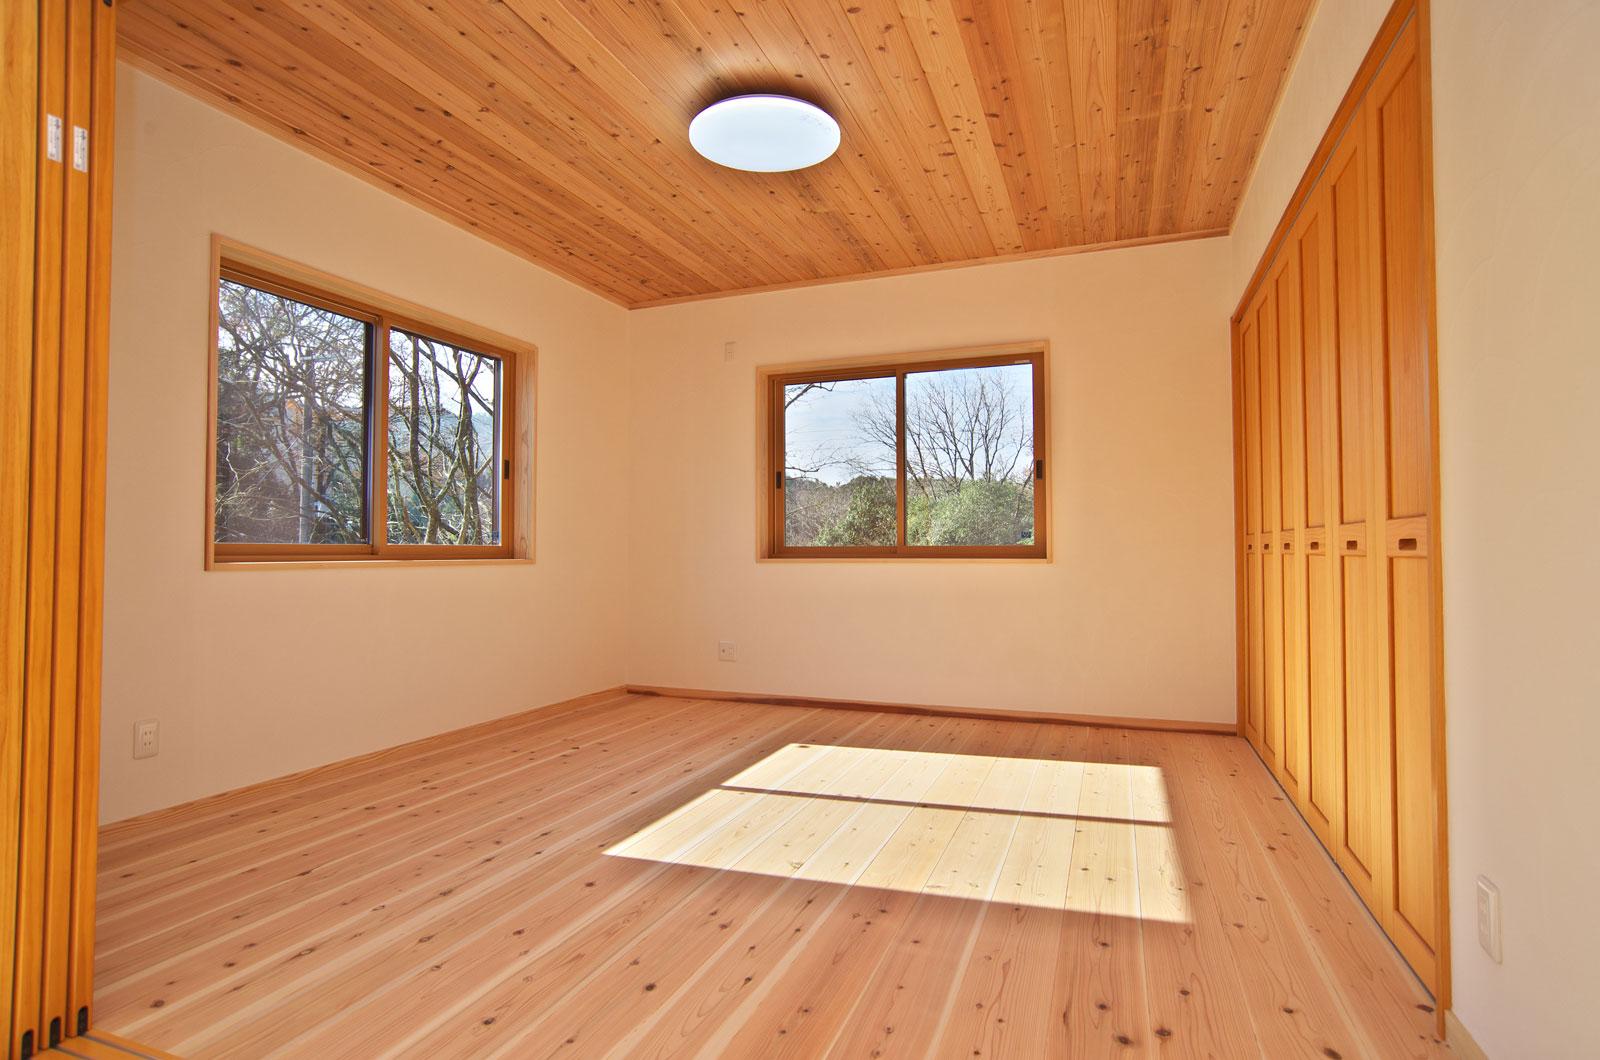 一面の漆喰の白さと木の風合いが美しい寝室。